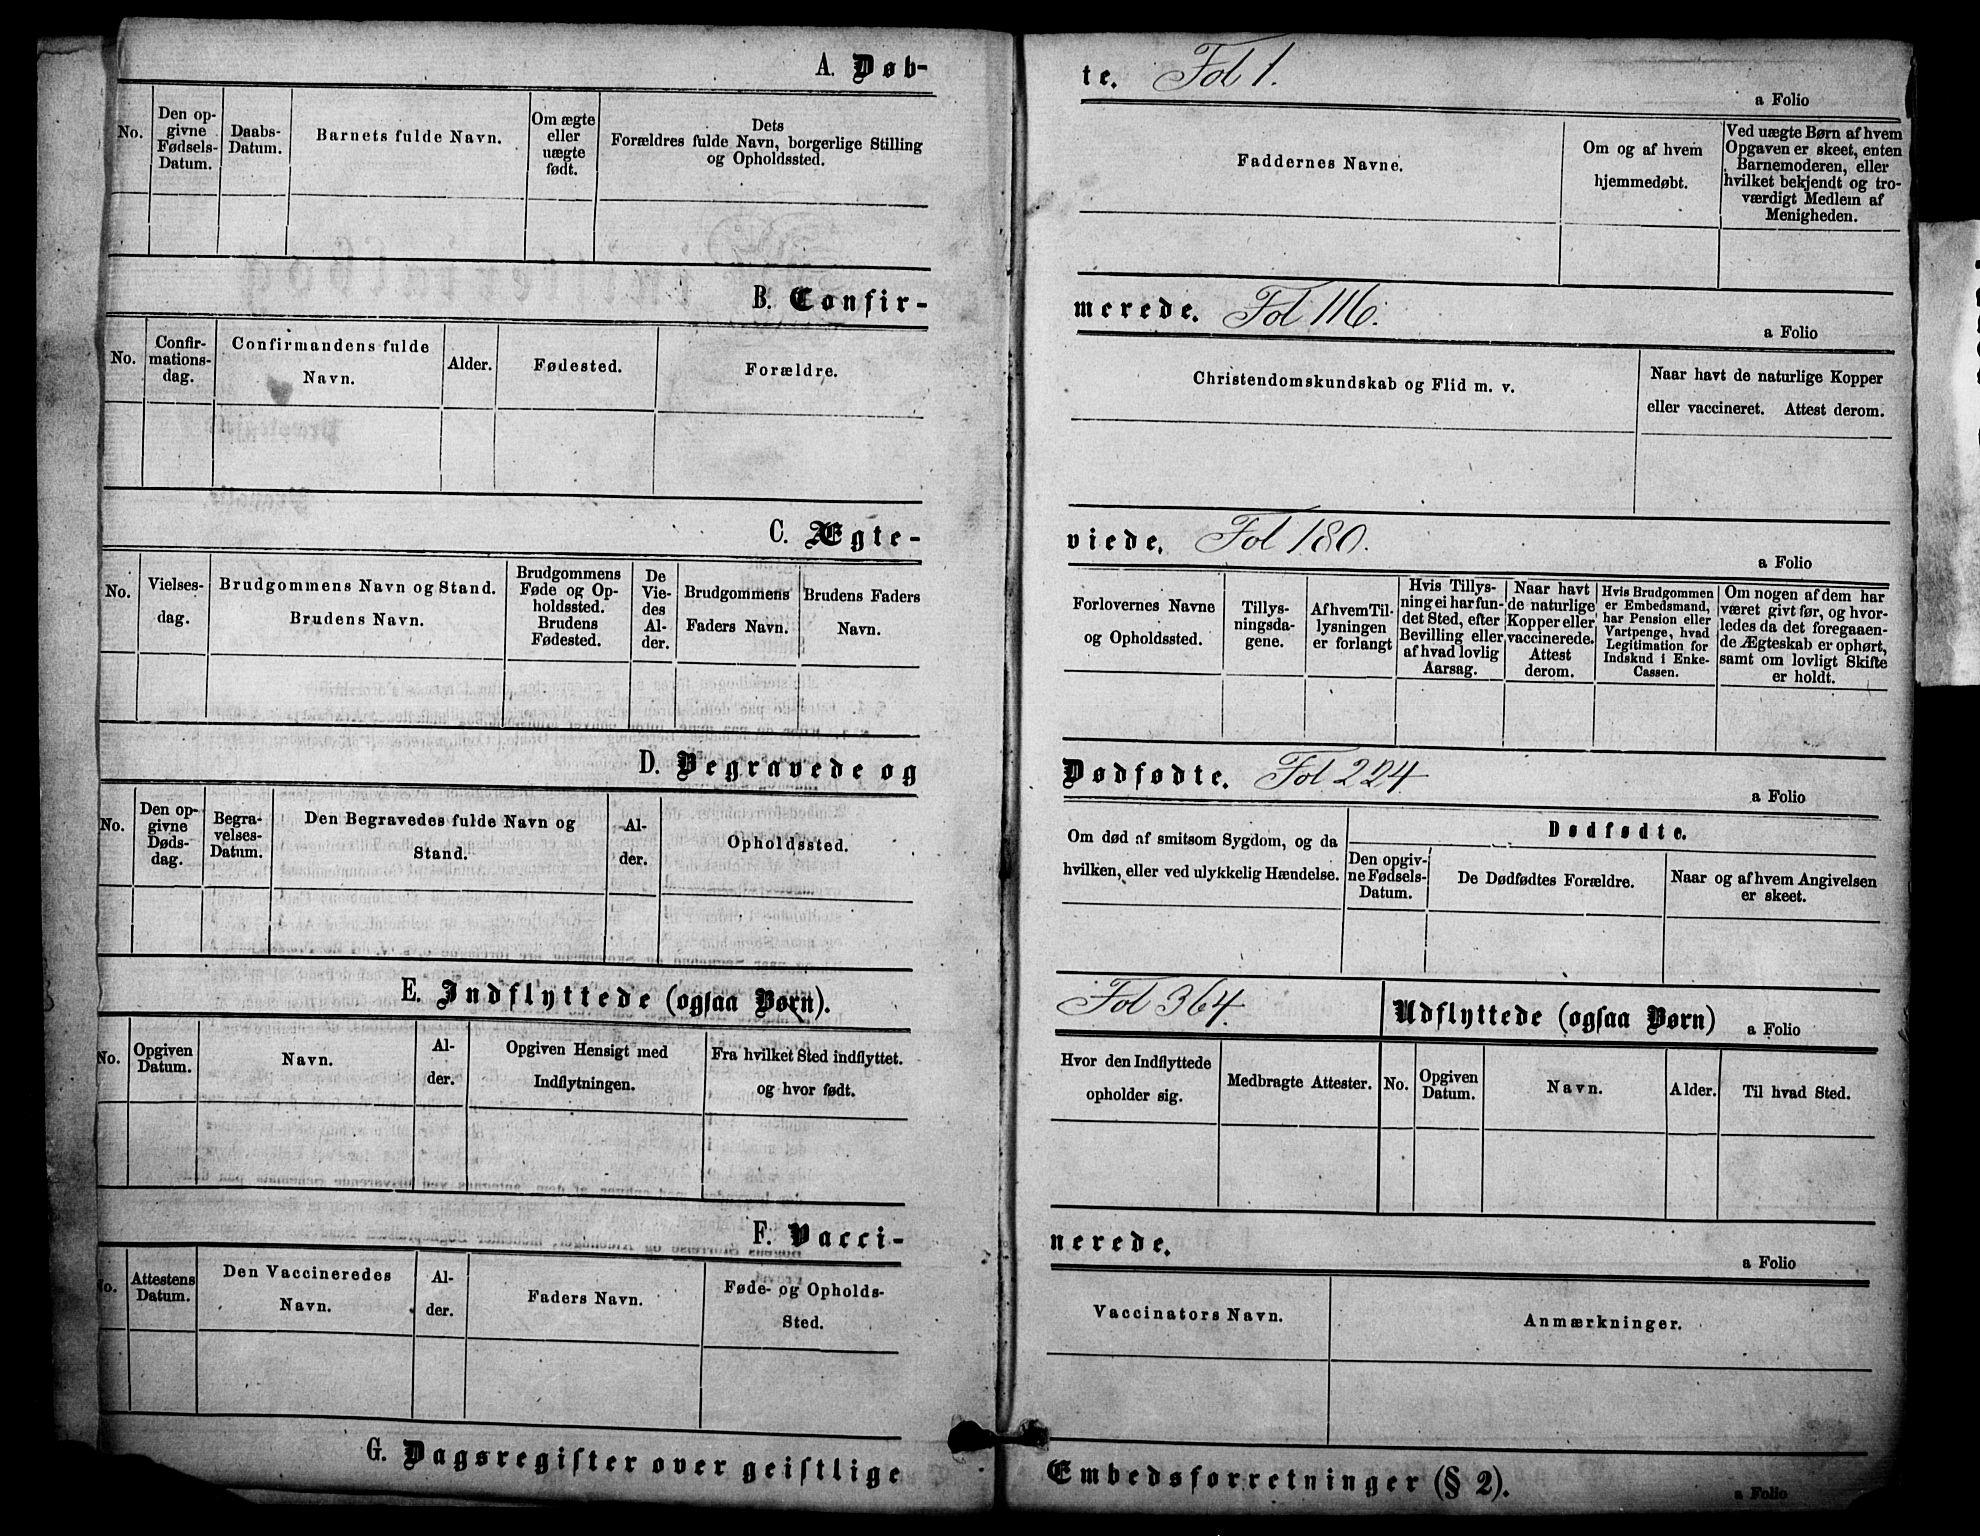 SAKO, Sannidal kirkebøker, F/Fa/L0014: Ministerialbok nr. 14, 1874-1883